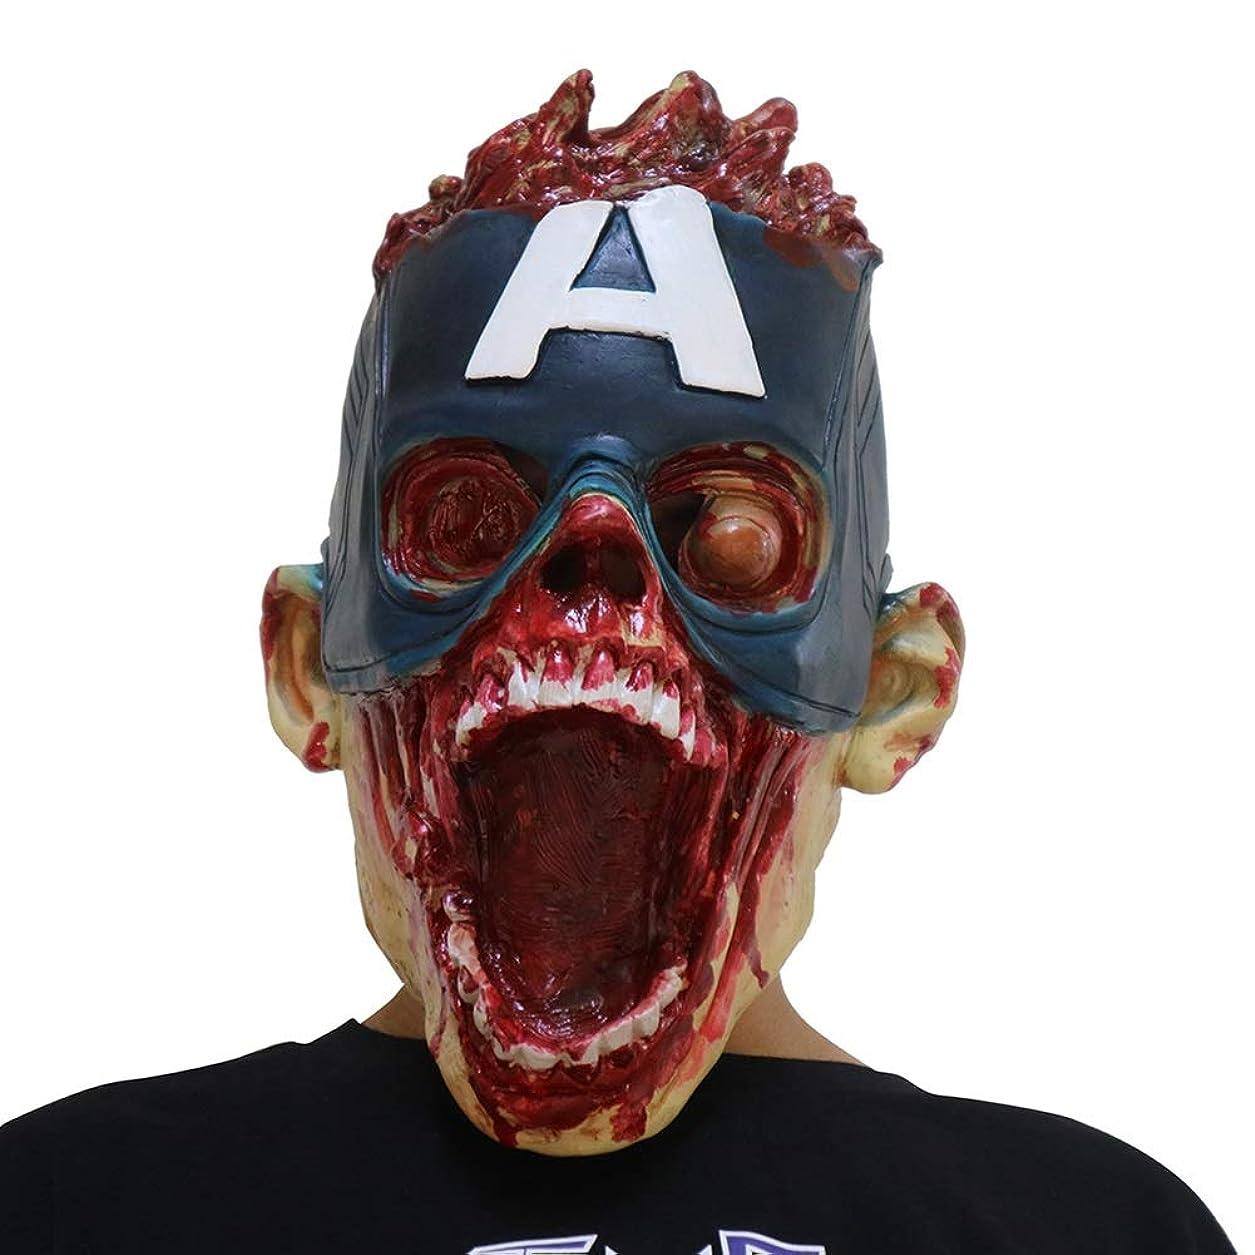 ささやき王室簡潔なハロウィーンホラーマスク、キャプテンアメリカヘッドマスク、クリエイティブデビルマスク、ラテックスVizardマスク、コスチュームプロップトカゲマスク